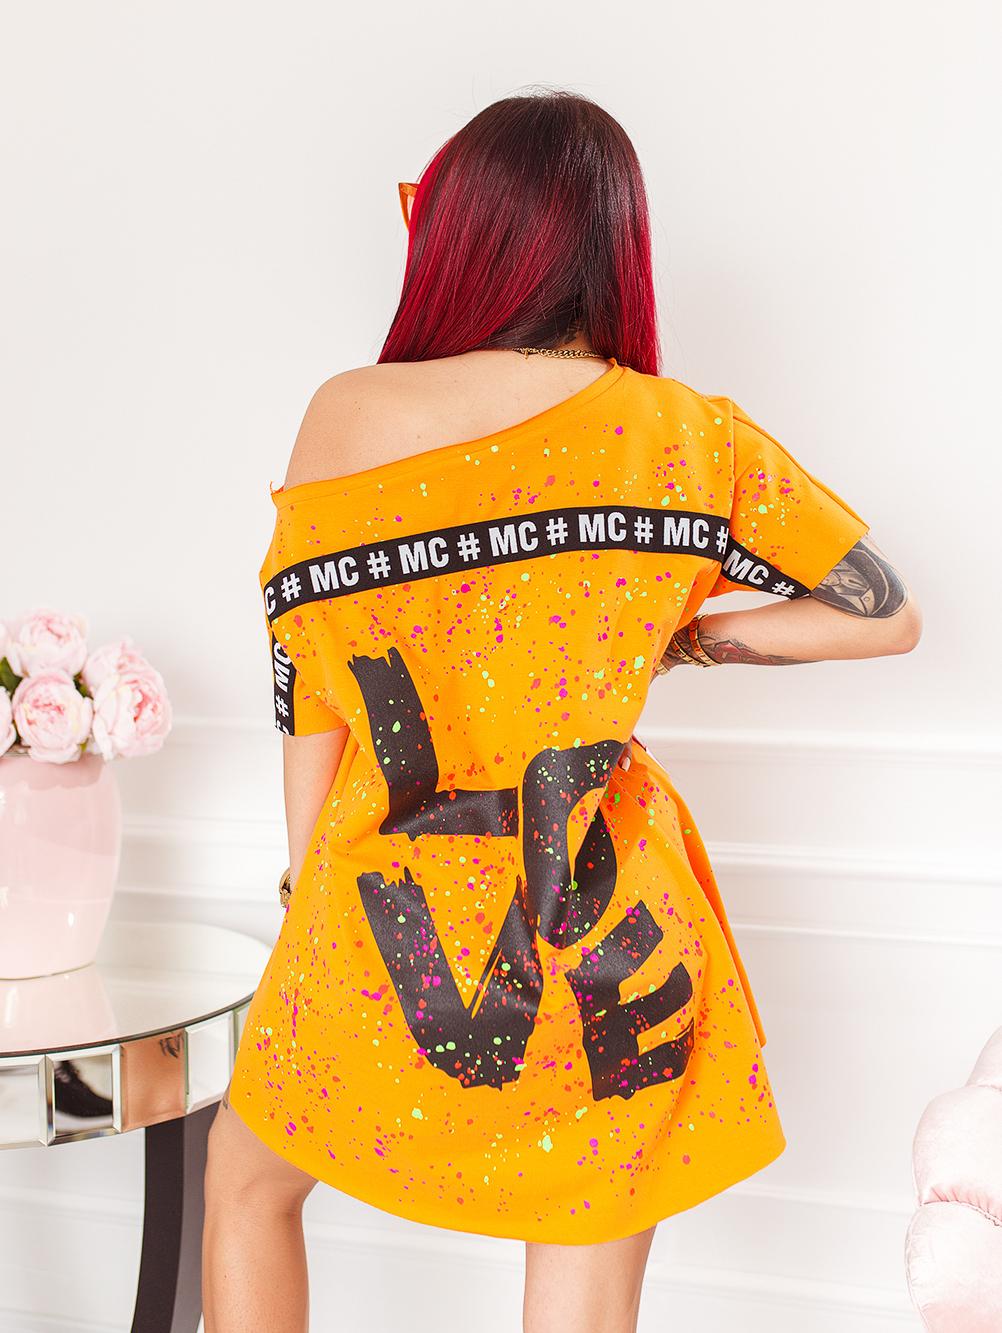 pomaranczowa-neonowa-bluzka-damska-z-dekoltem-w-lodke-w-kolorwe-plamki-z-napisem-love (1)